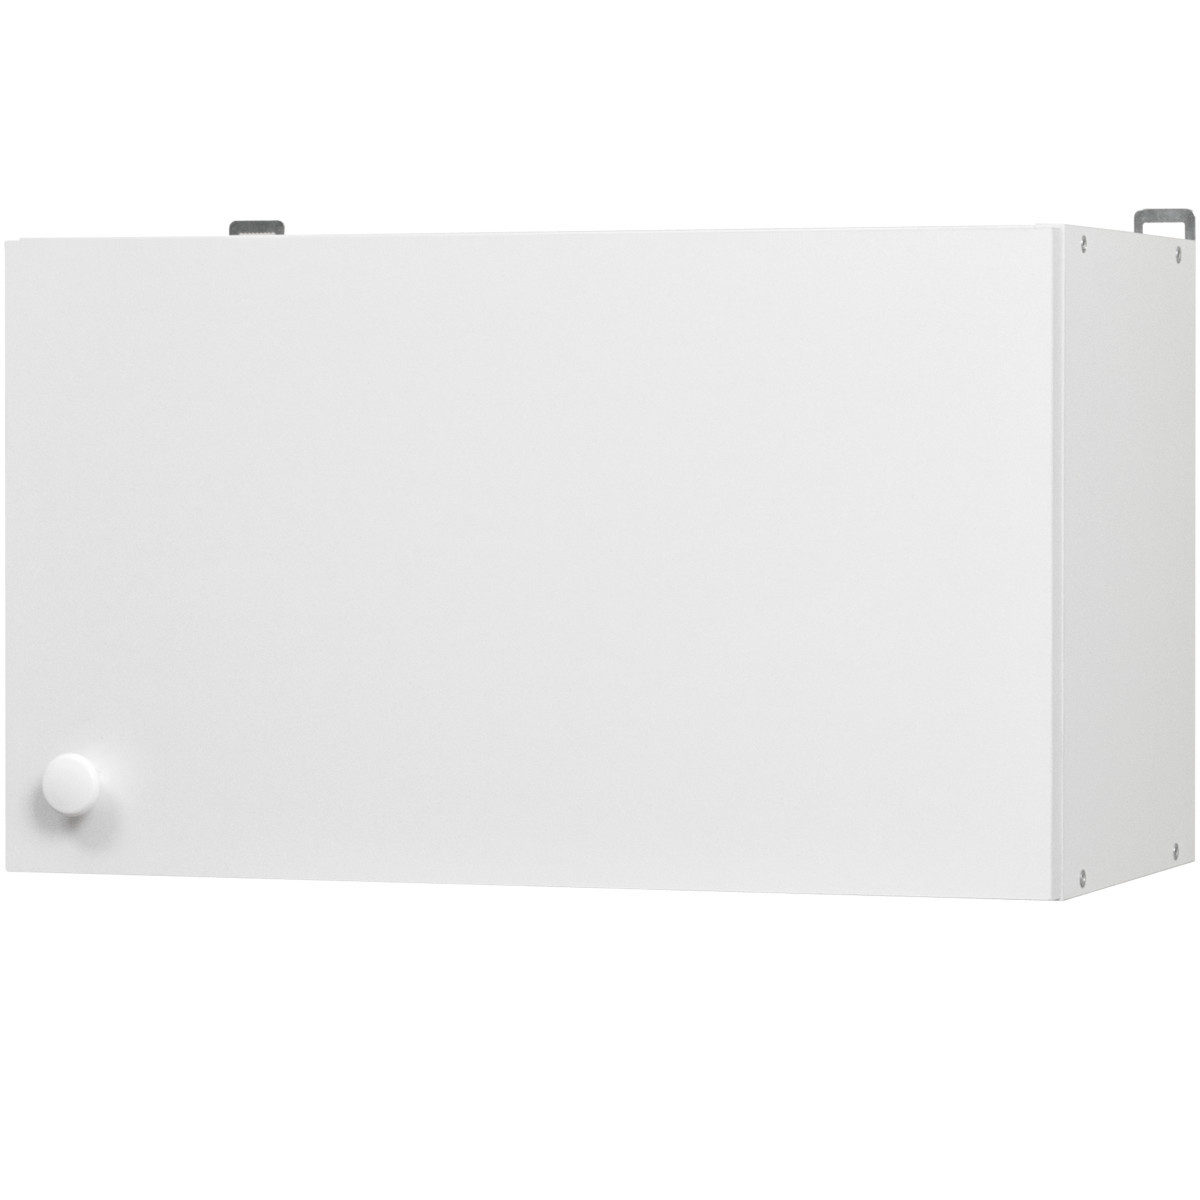 Шкаф над вытяжкой Бэлла 60x35х29 см ЛДСП цвет белый